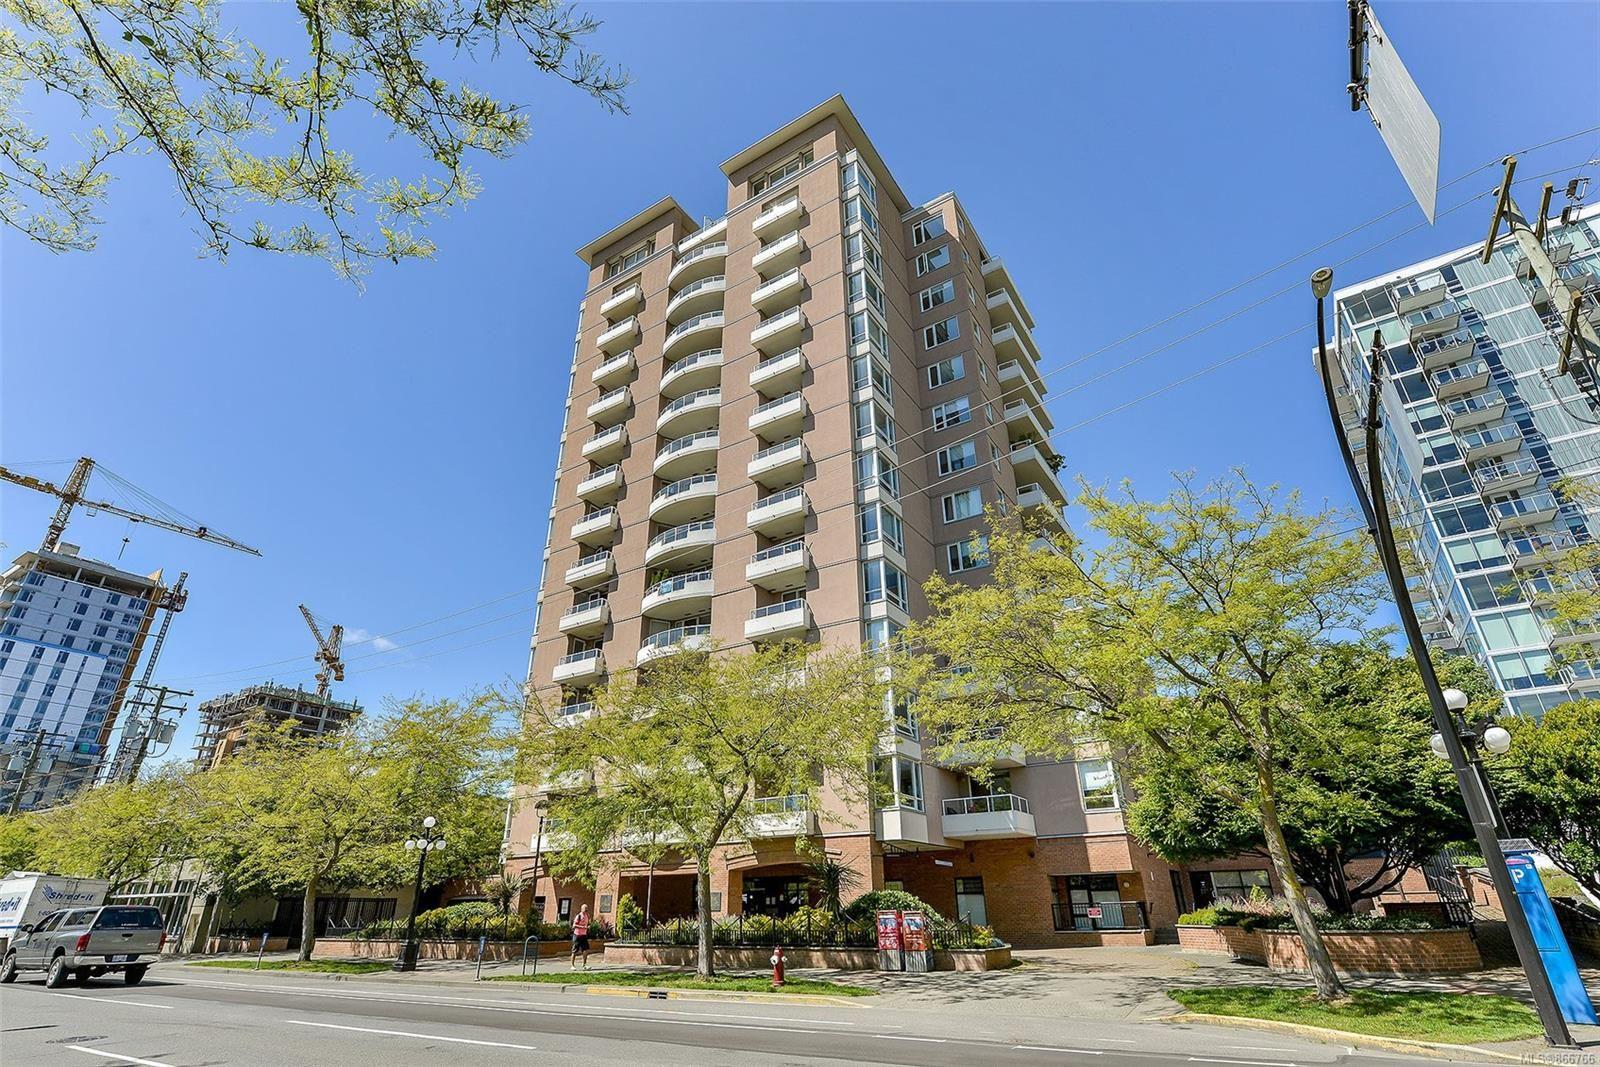 Main Photo: 204 930 Yates St in Victoria: Vi Downtown Condo for sale : MLS®# 866766